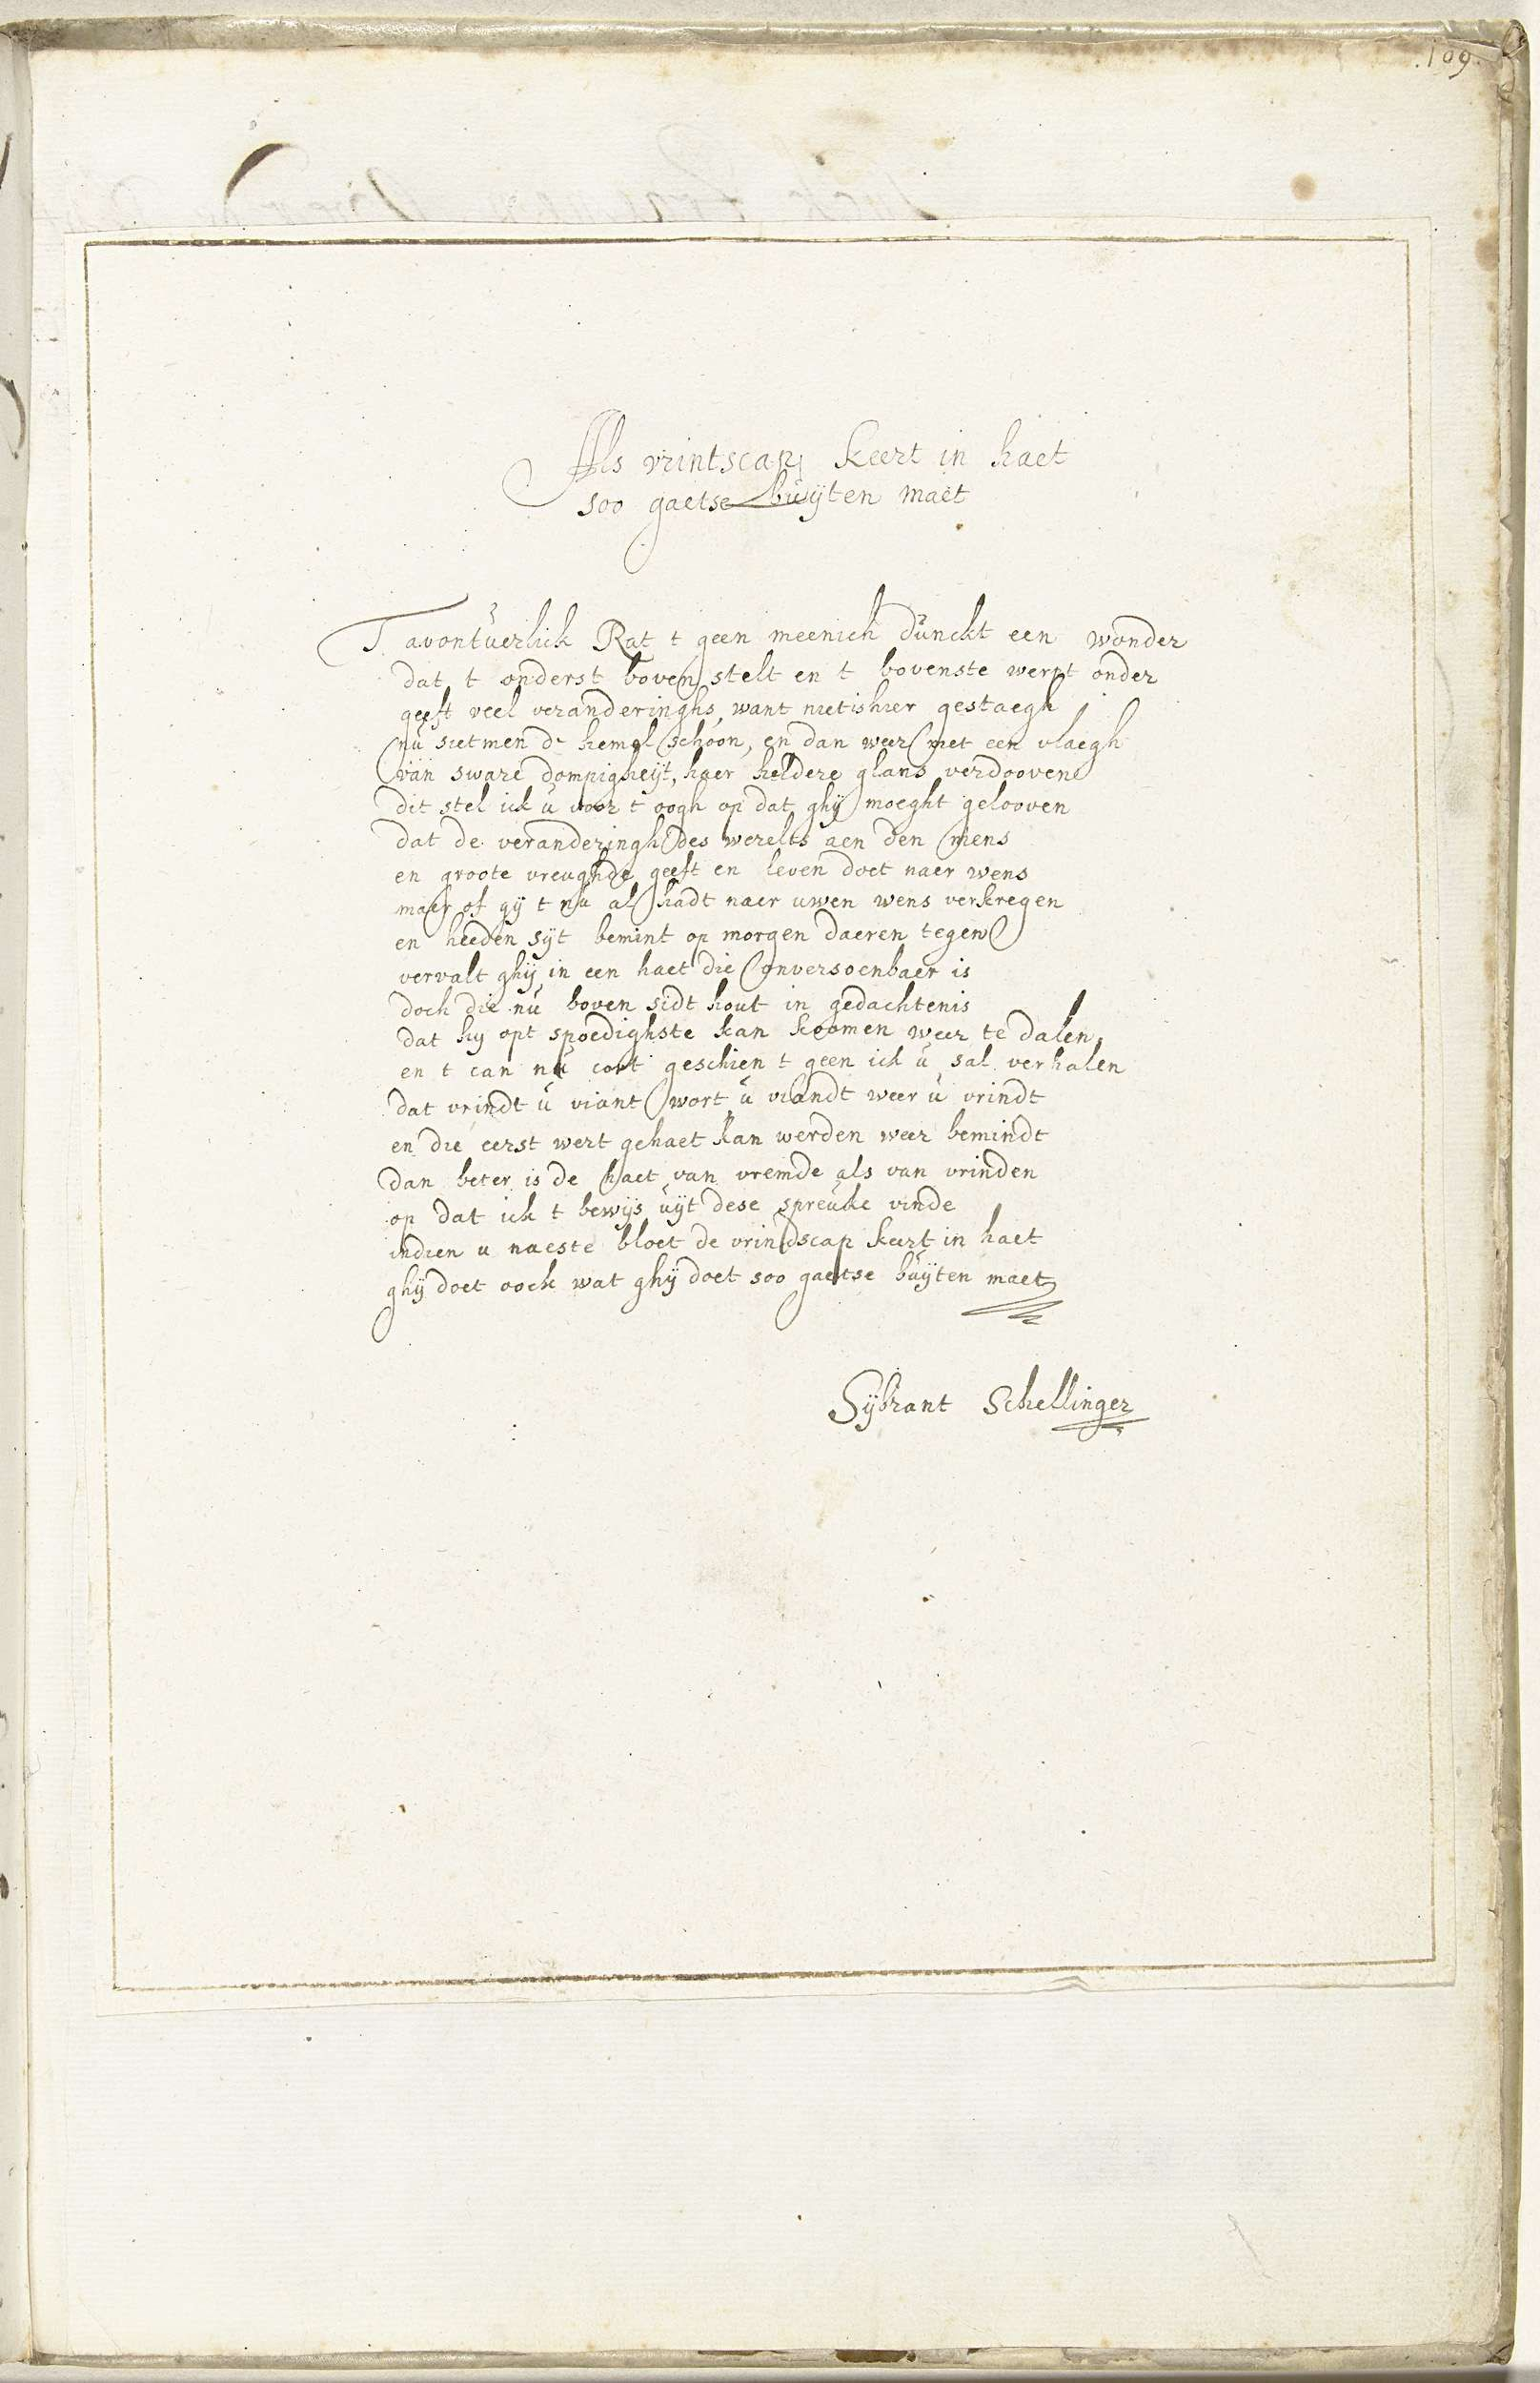 Anonymous | Gedicht over vriendschap, Anonymous, c. 1660 - c. 1680 | Gedicht met als titel een gezegde van Jacob Cats, over veranderingen in menselijke relaties; zonder aangegeven melodie. Het gedicht is bedacht door Gesina's zwager Sijbrant Schellinger.